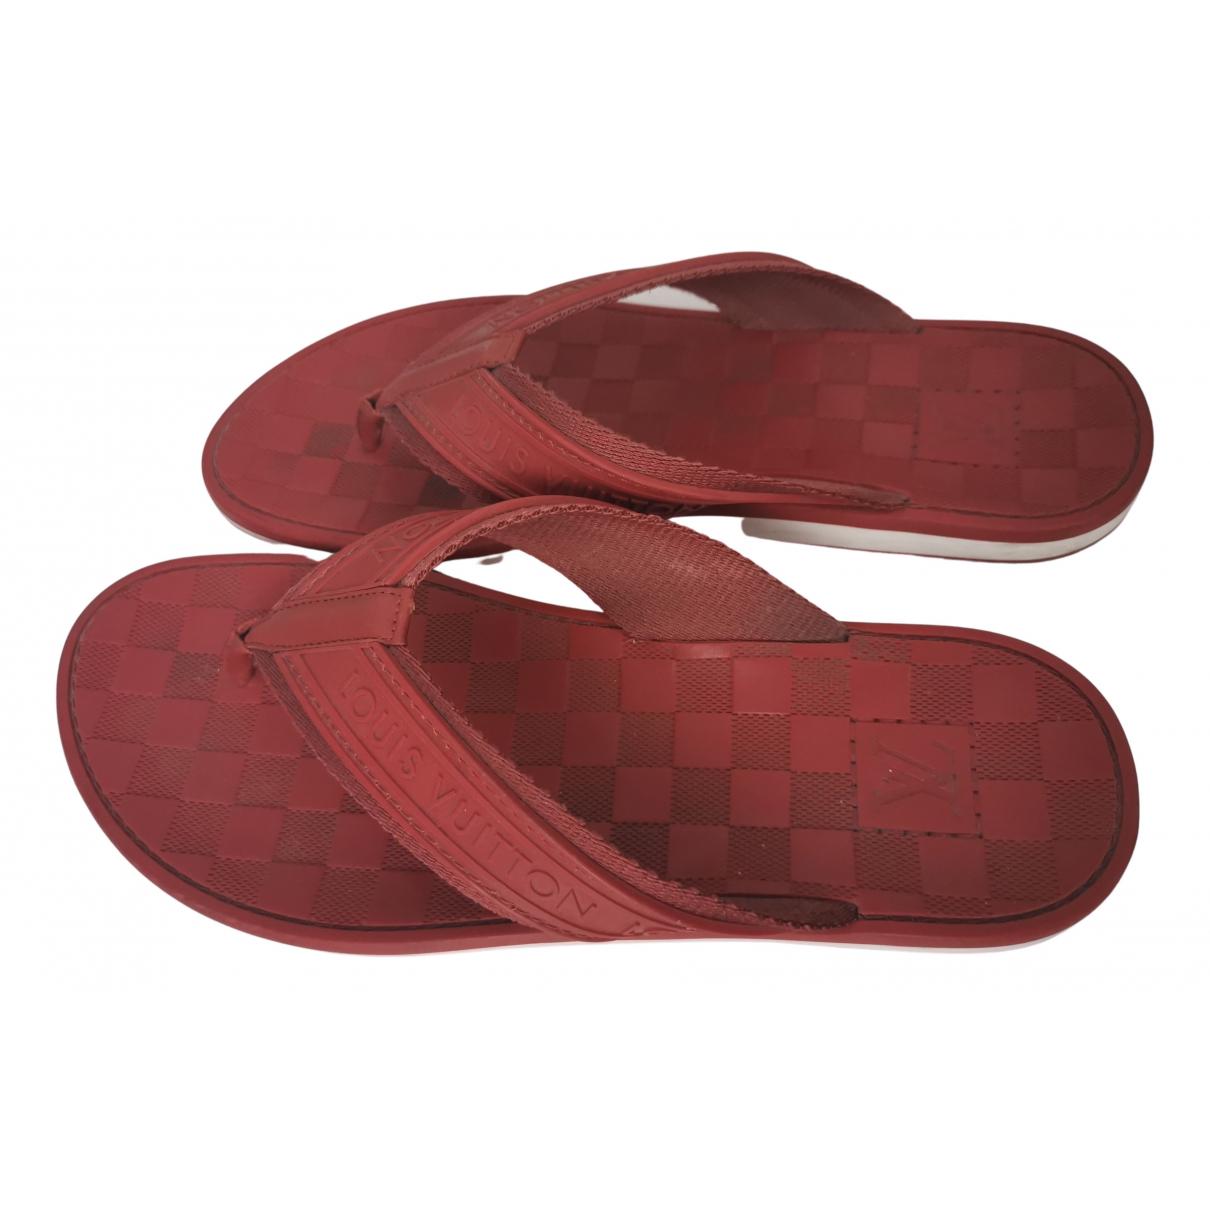 Louis Vuitton - Sandales   pour homme en cuir - rouge